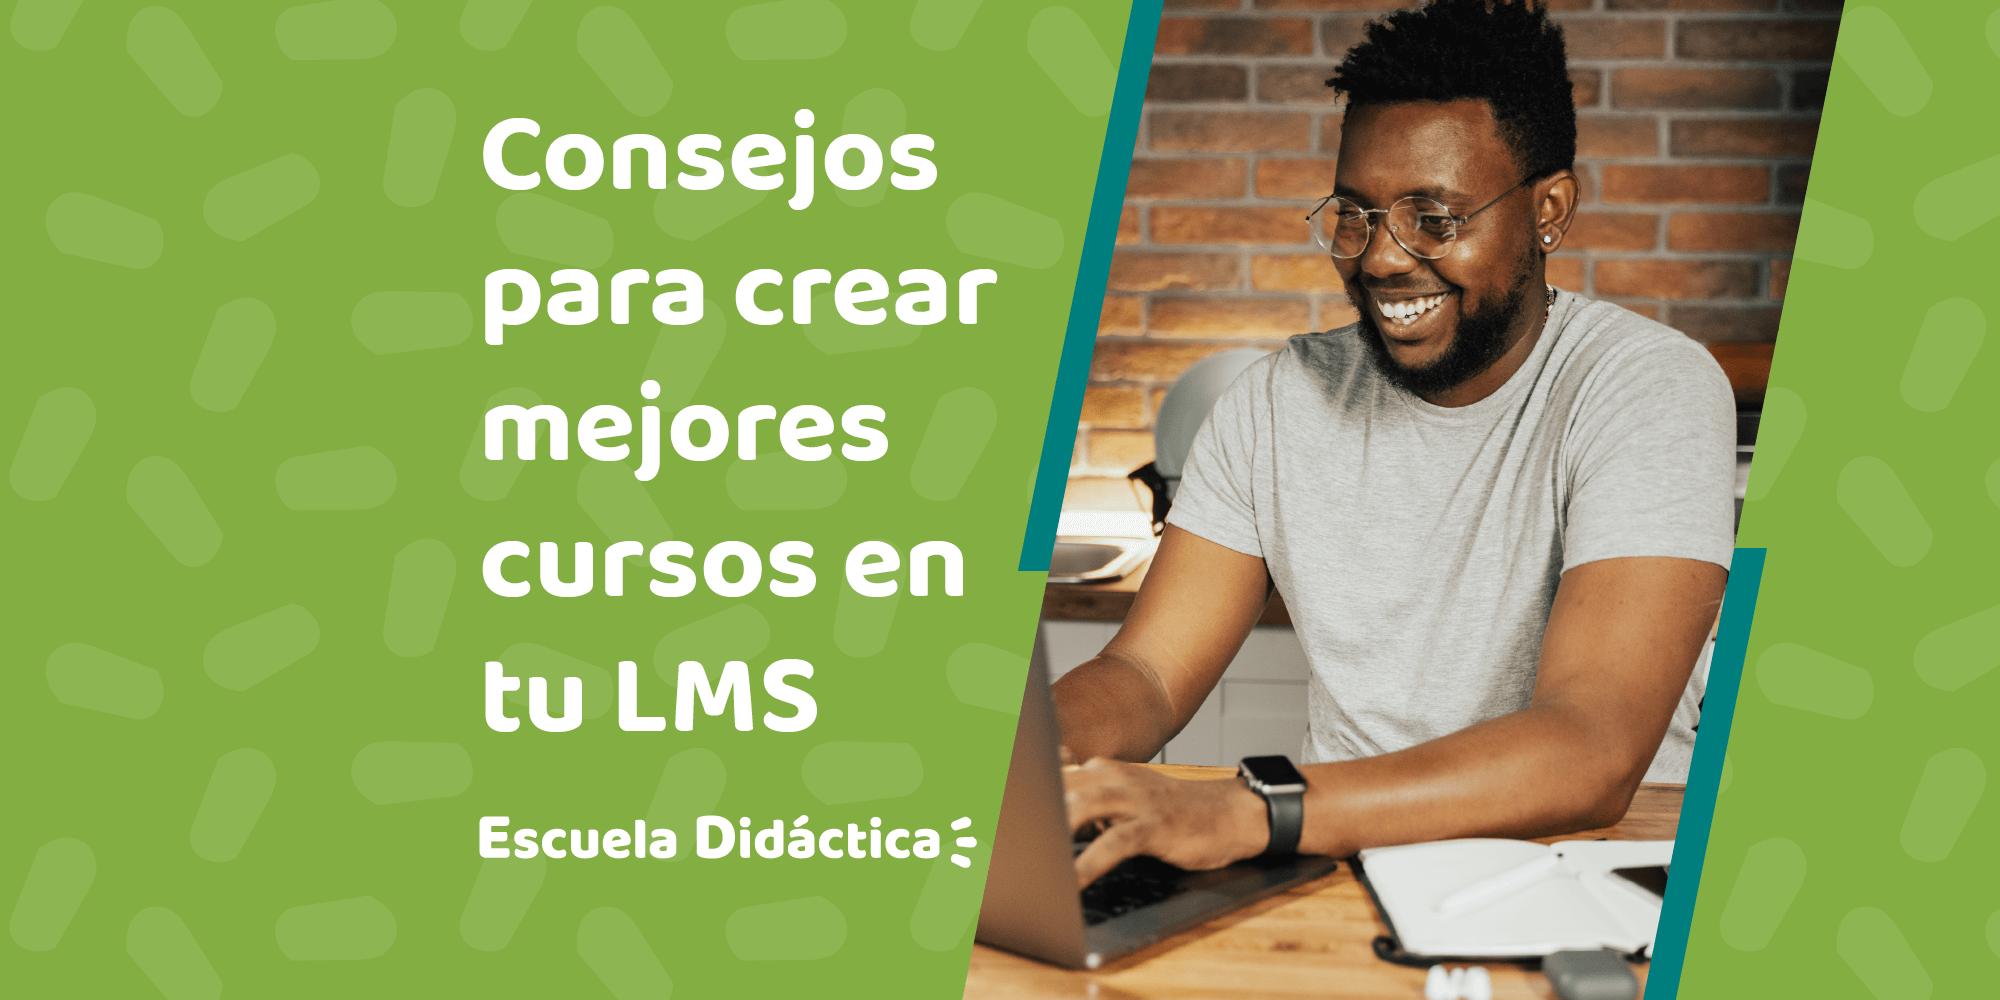 Consejos para crear mejores cursos en tu LMS